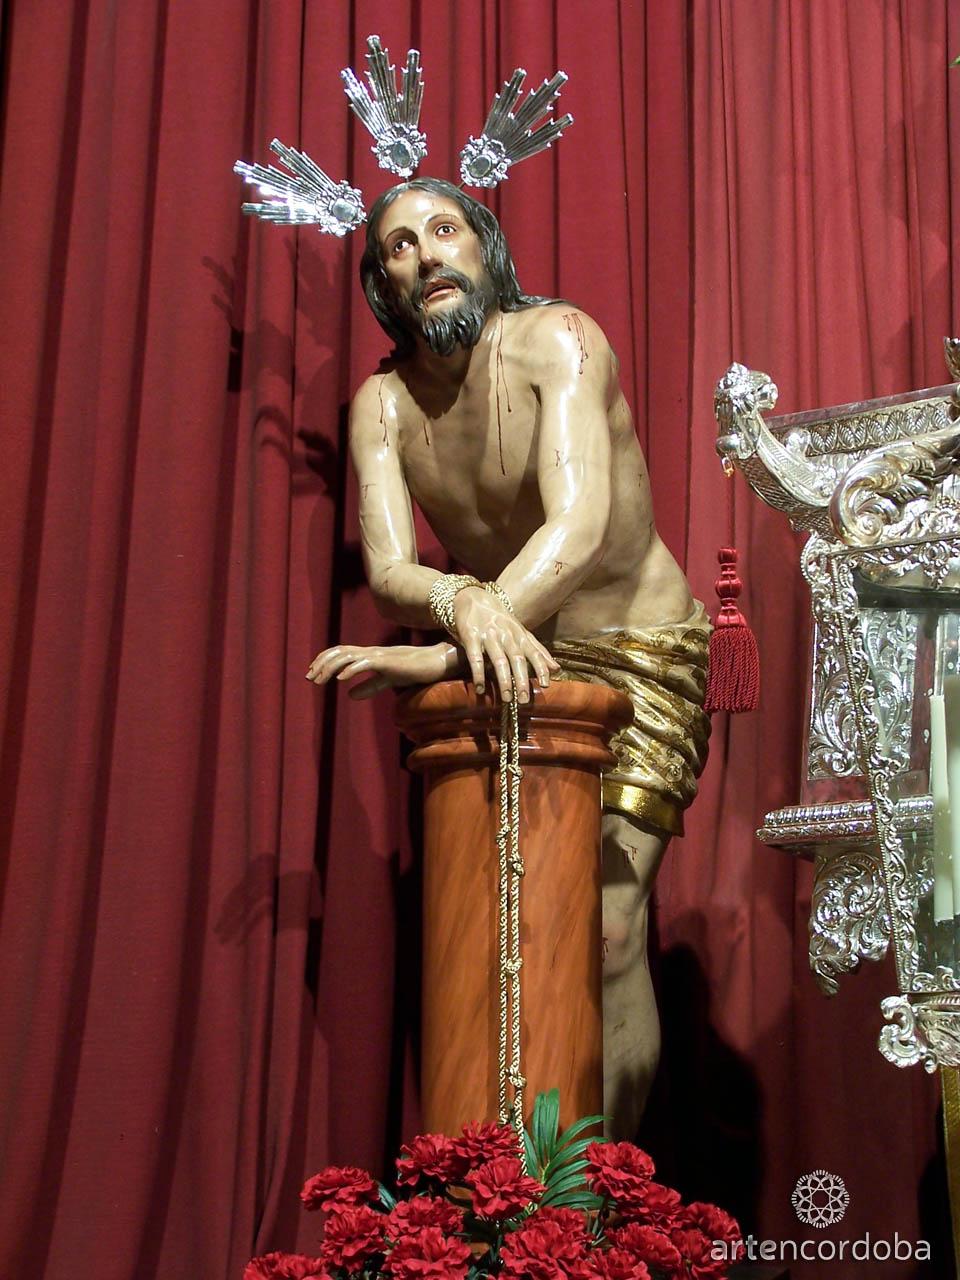 Nuestro Padre Preso y Amarrado a la Columna - Hermandad del Huerto en Córdoba